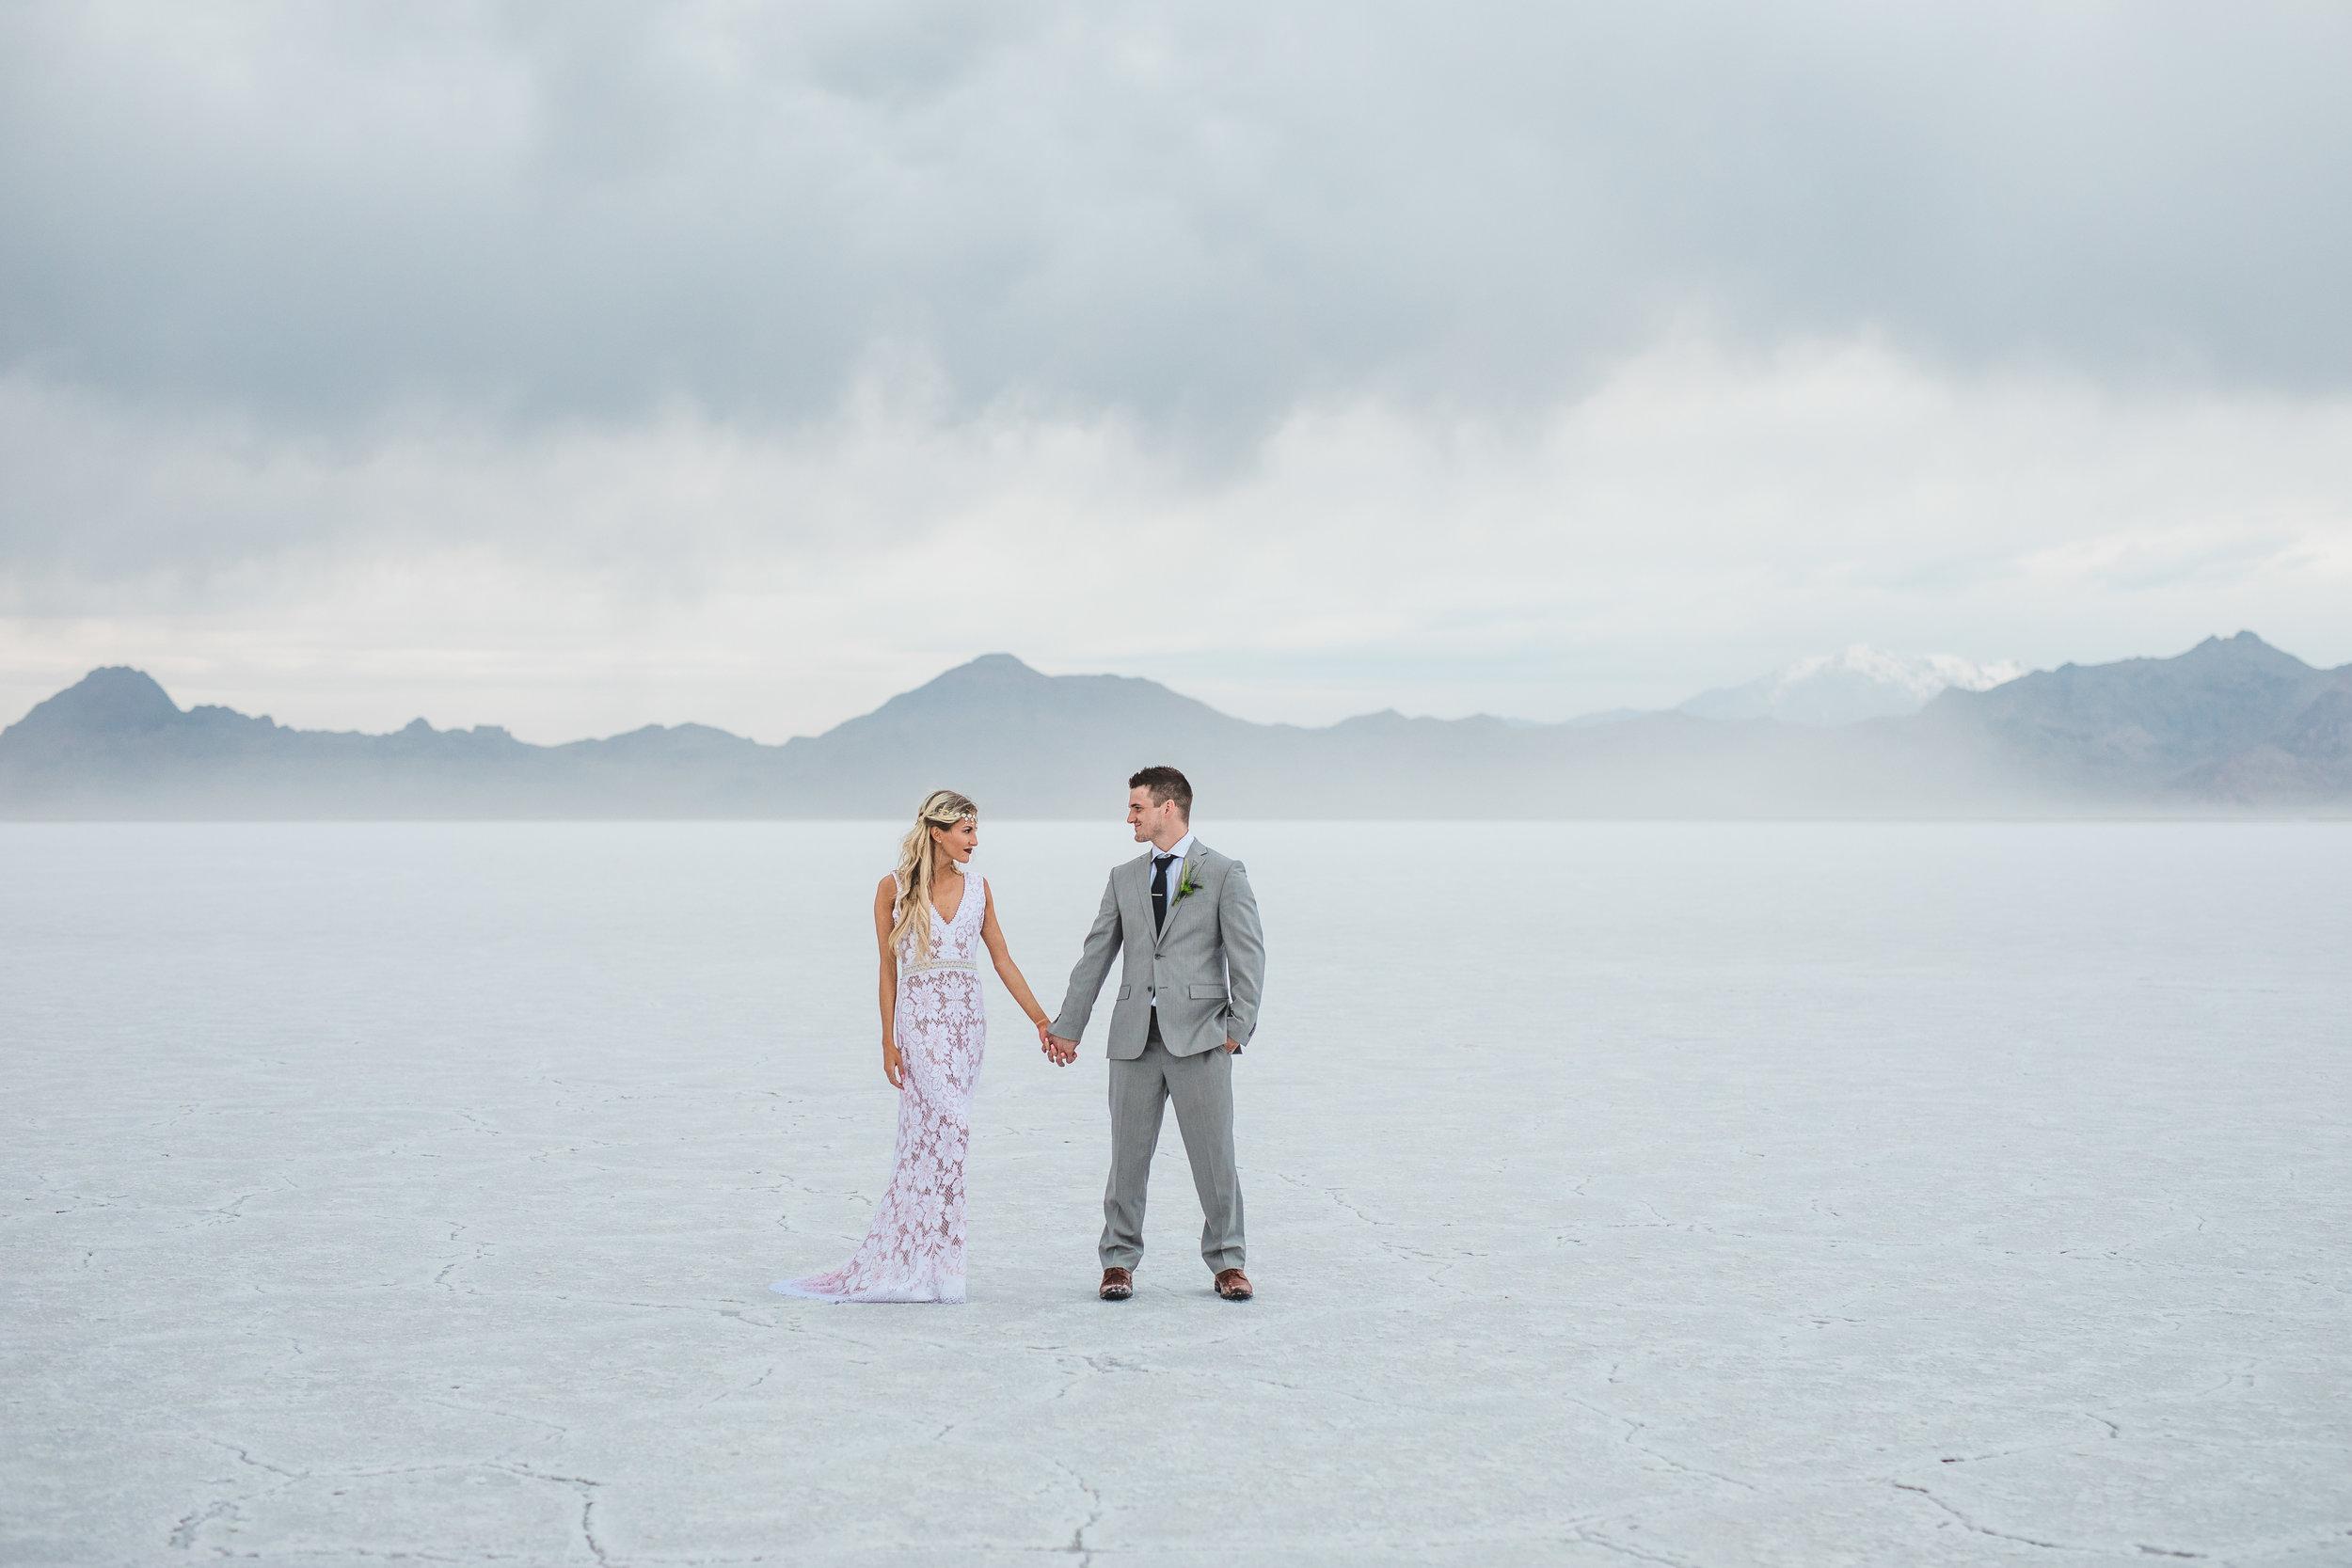 Bonneville Salt Flats adventure destination elopement fine art photographers Kyle Loves Tori